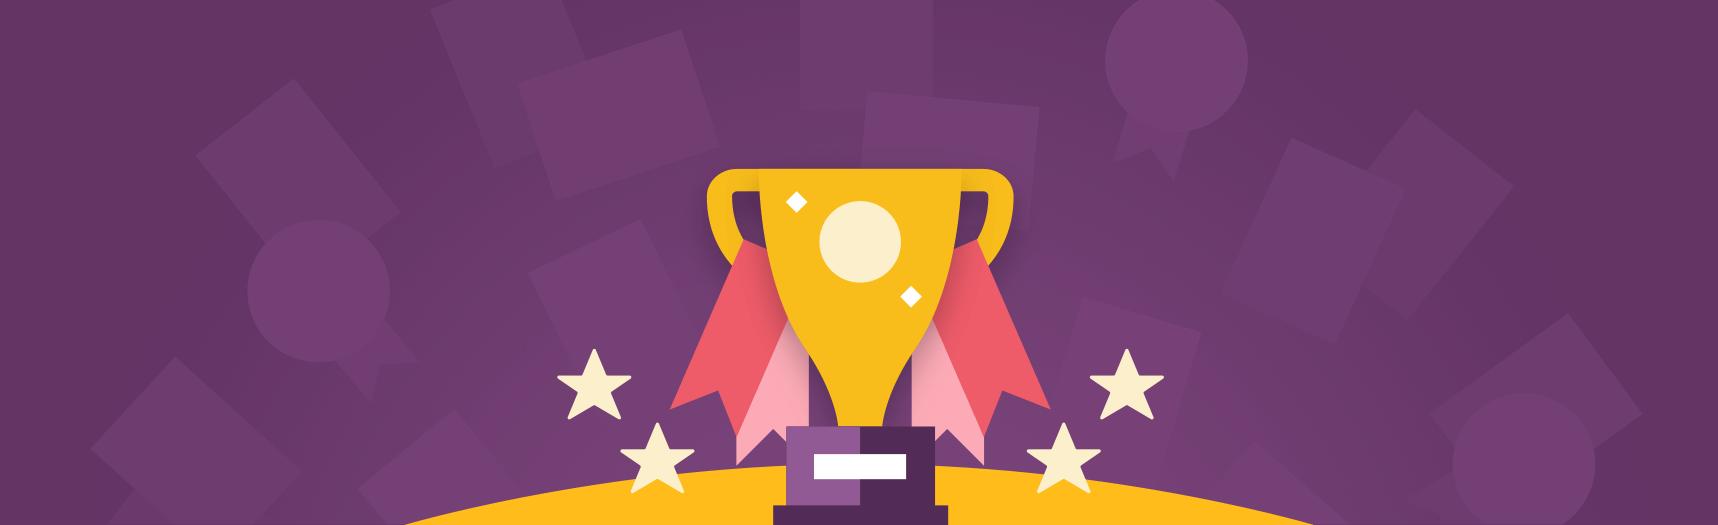 Migliora la formazione del tuo team con l'iscrizione a Smart Insights